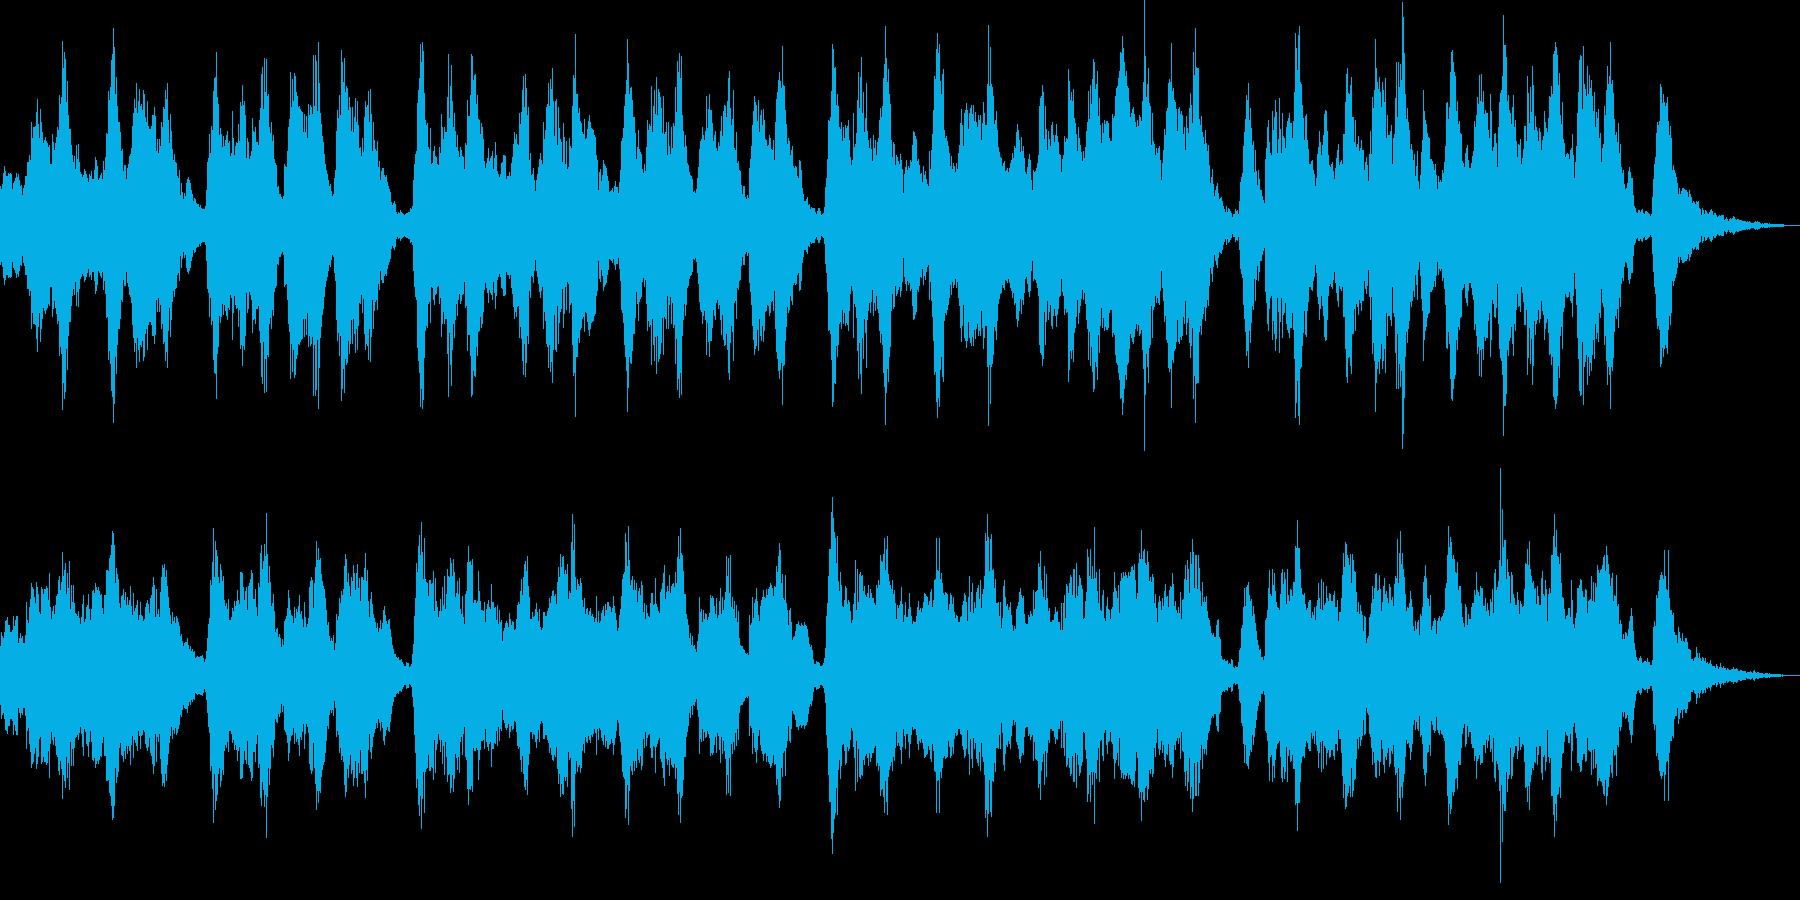 哀しい雰囲気のクラシックジングルの再生済みの波形